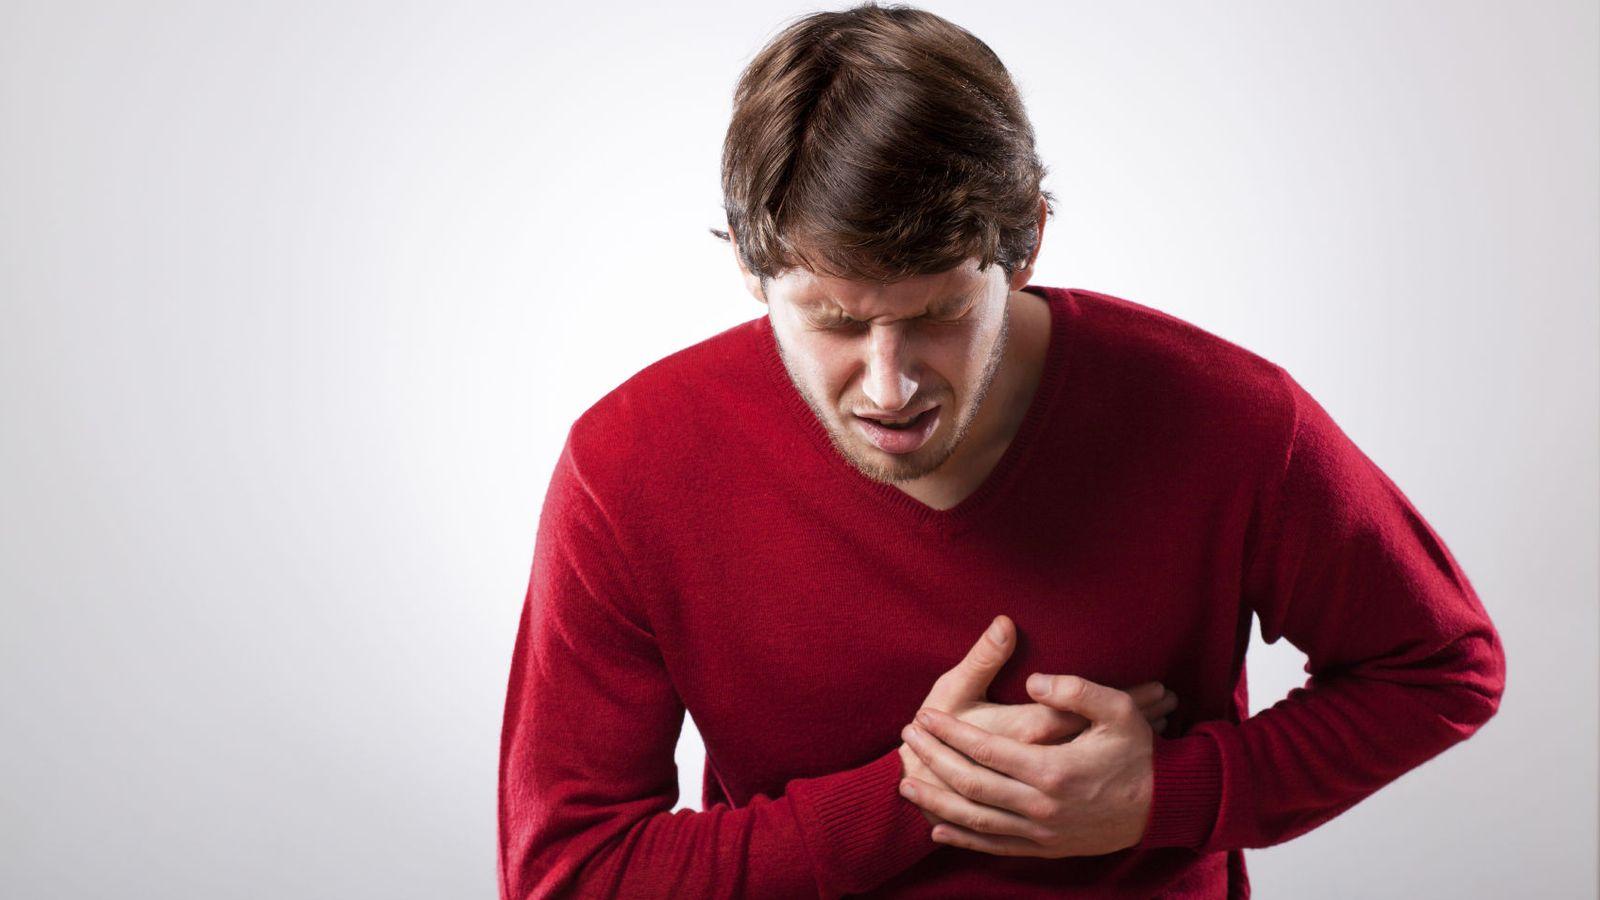 Running: ¿Se puede hacer running después de haber sufrido un infarto ...